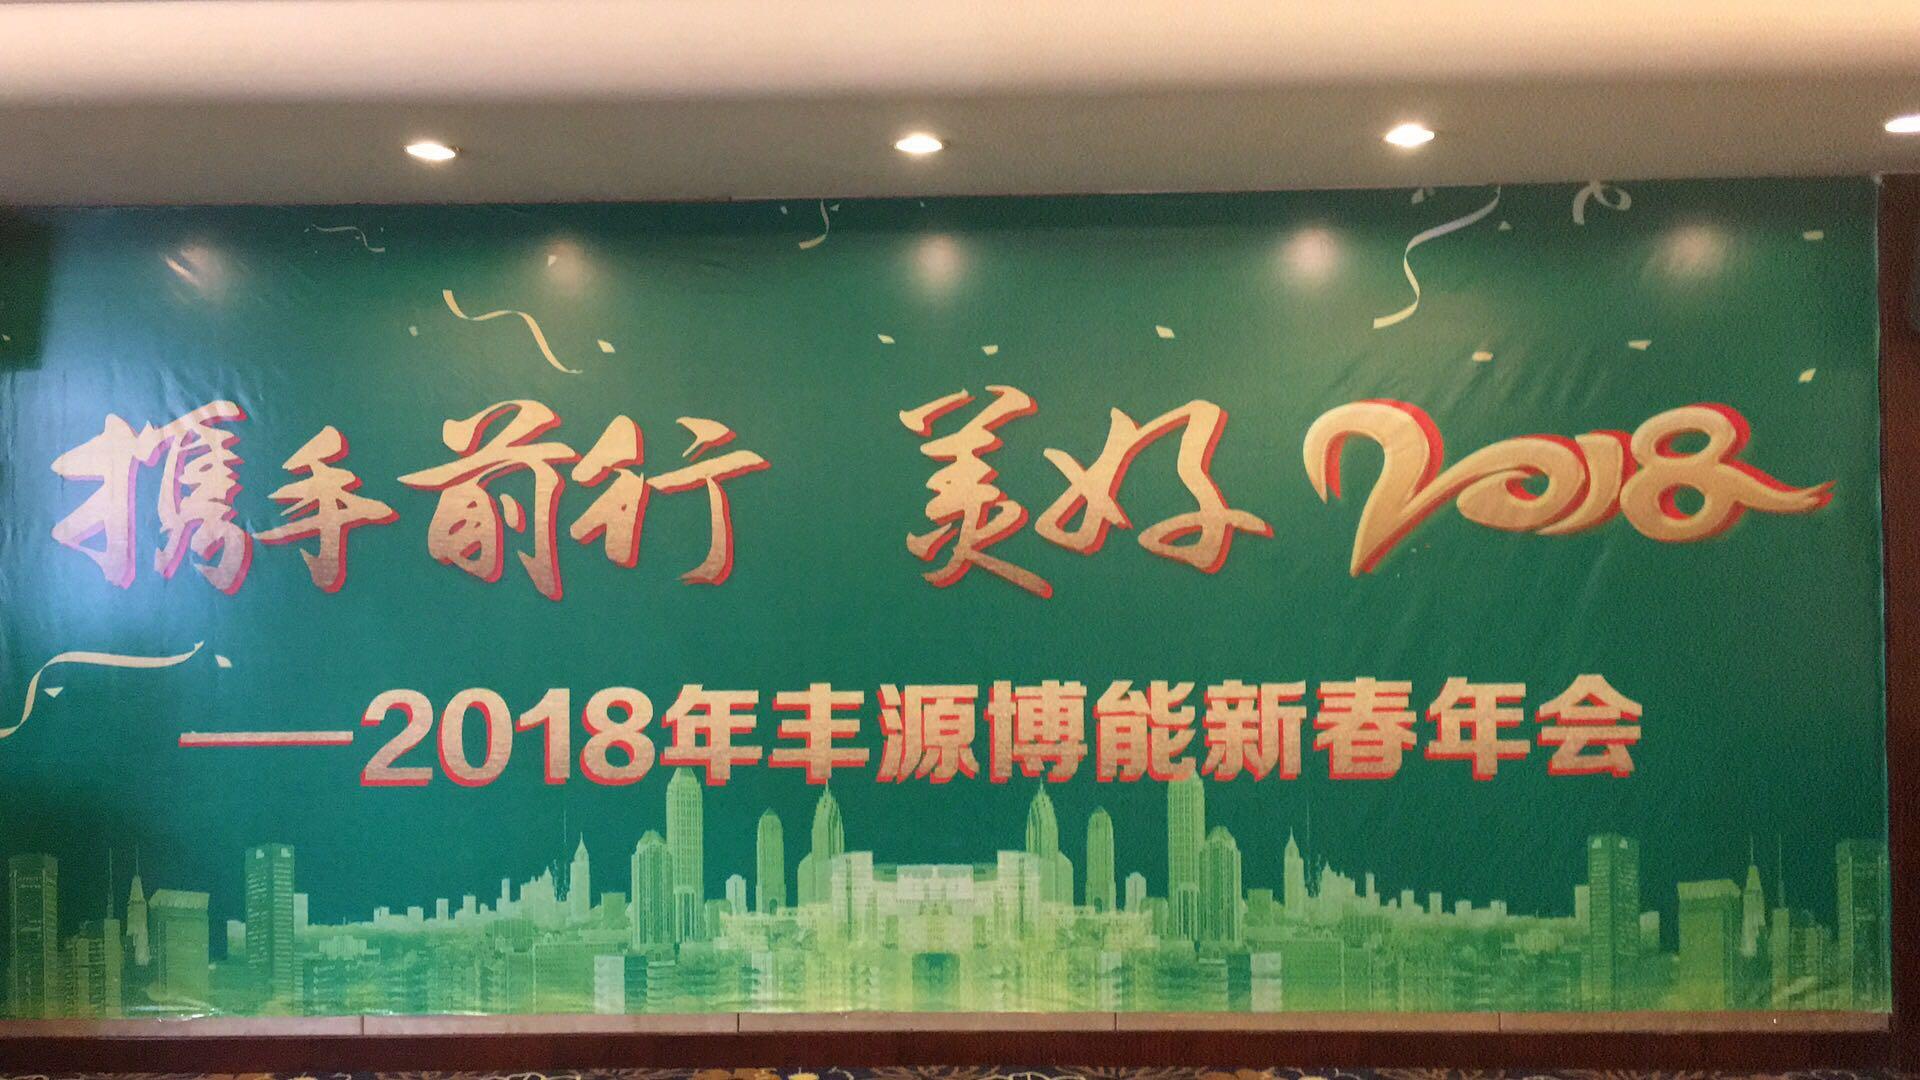 2018新春年会